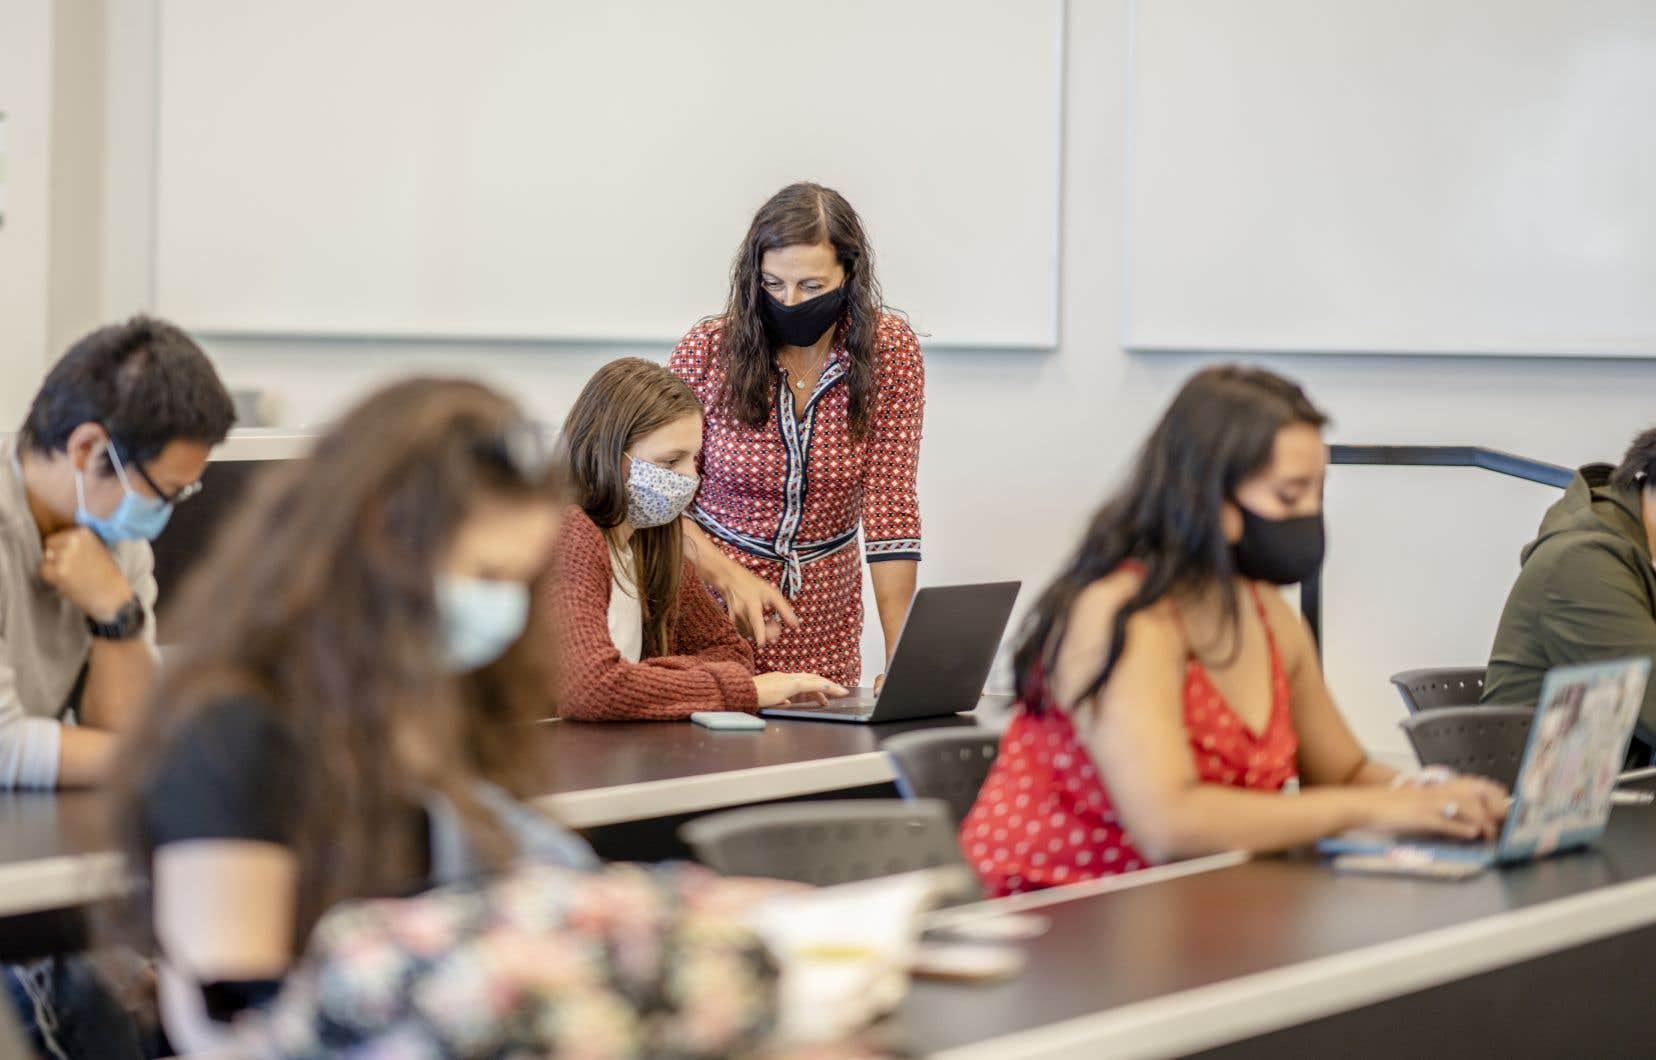 «Les enseignants au statut précaire sont continuellement sur la sellette, peu importe leur compétence, leur investissement et le nombre d'années d'expérience qu'ils ont», déplore l'autrice.